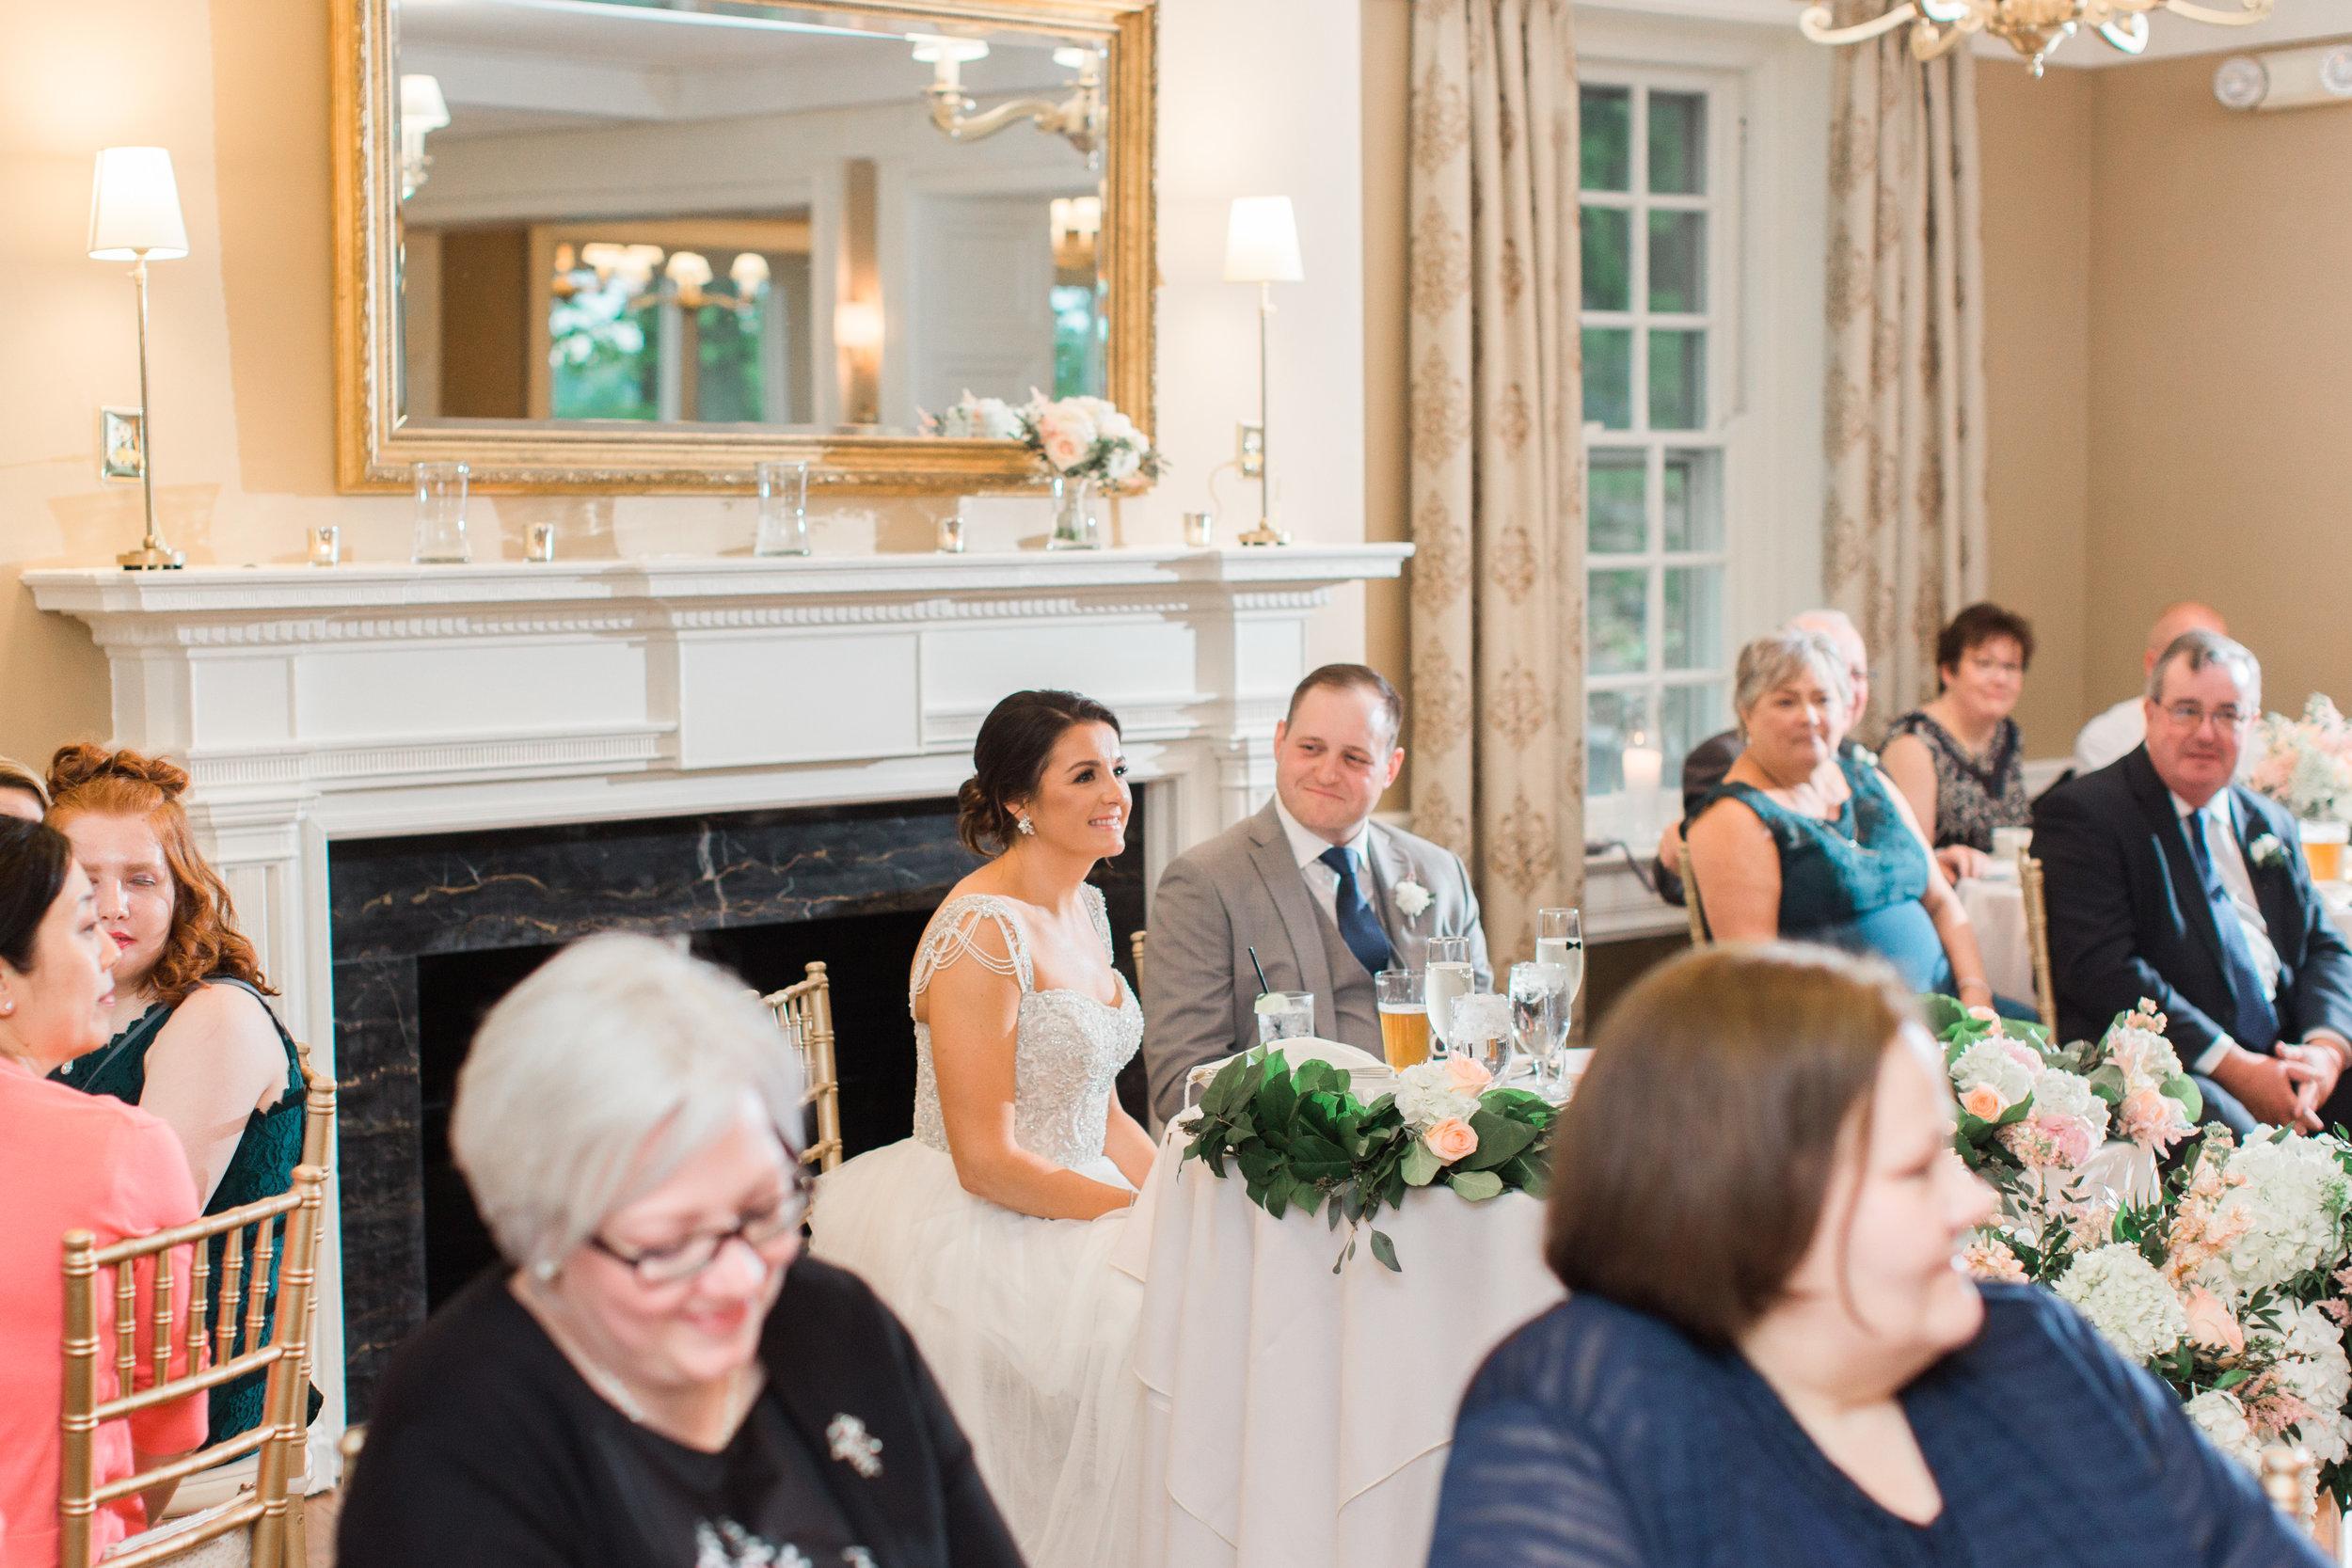 jessicaandchris_wedding (869 of 1021).jpg